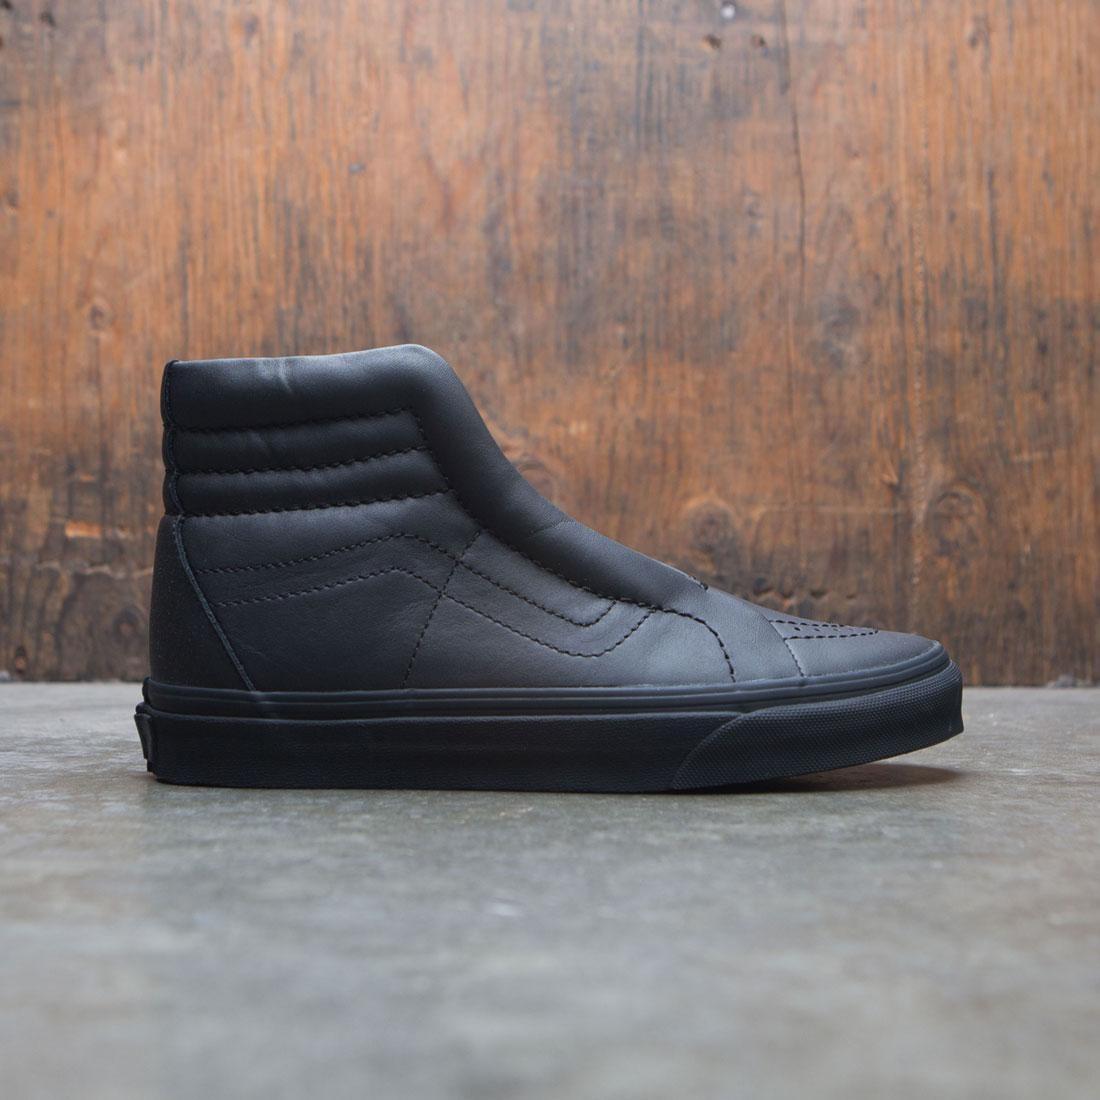 Vans Women SK8-Hi Reissue Laceless Leather black e2d92660c47e